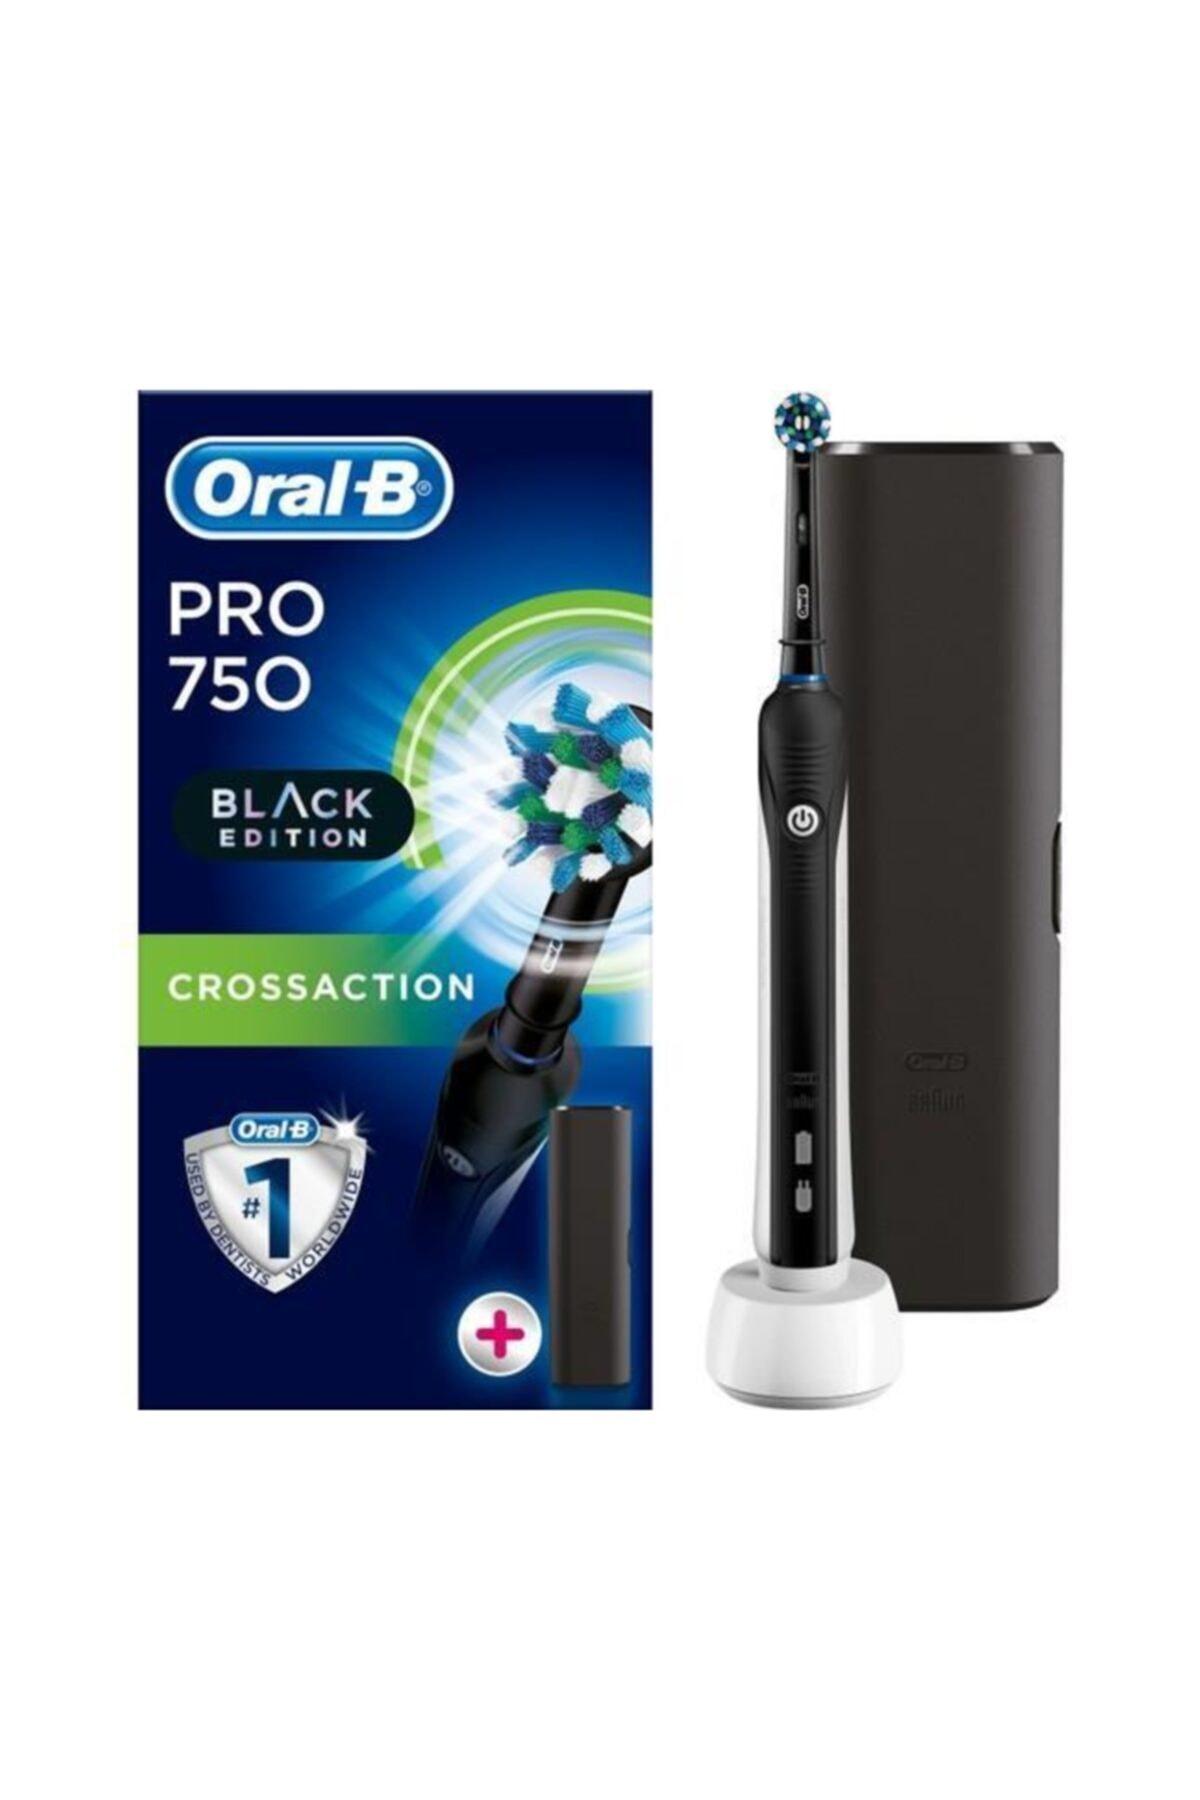 Oral-B Pro 750 Şarj Edilebilir Diş Fırçası Cross Action Siyah 1